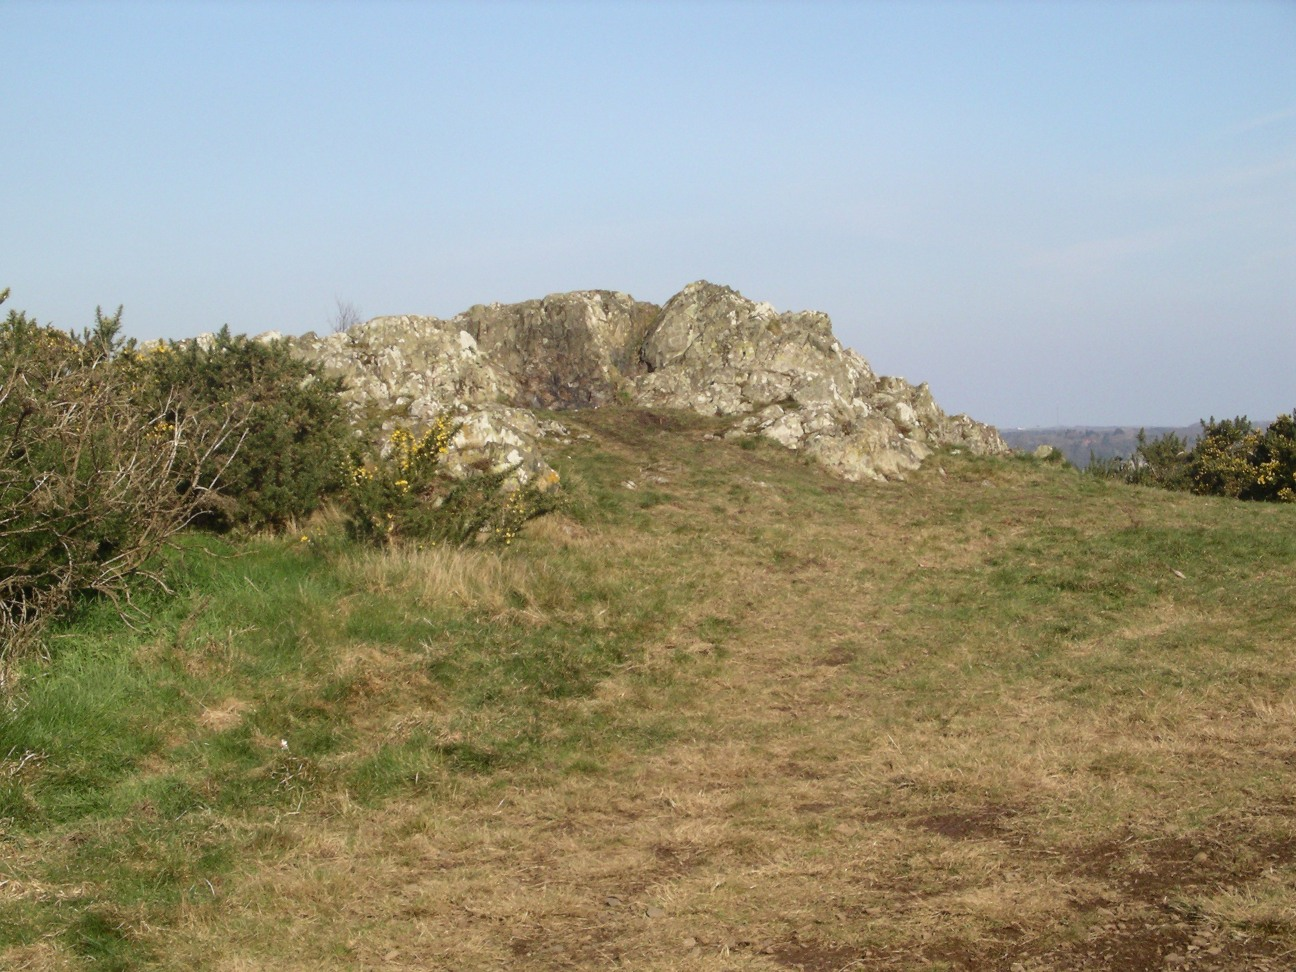 Μπανγκόρ Gwynedd dating